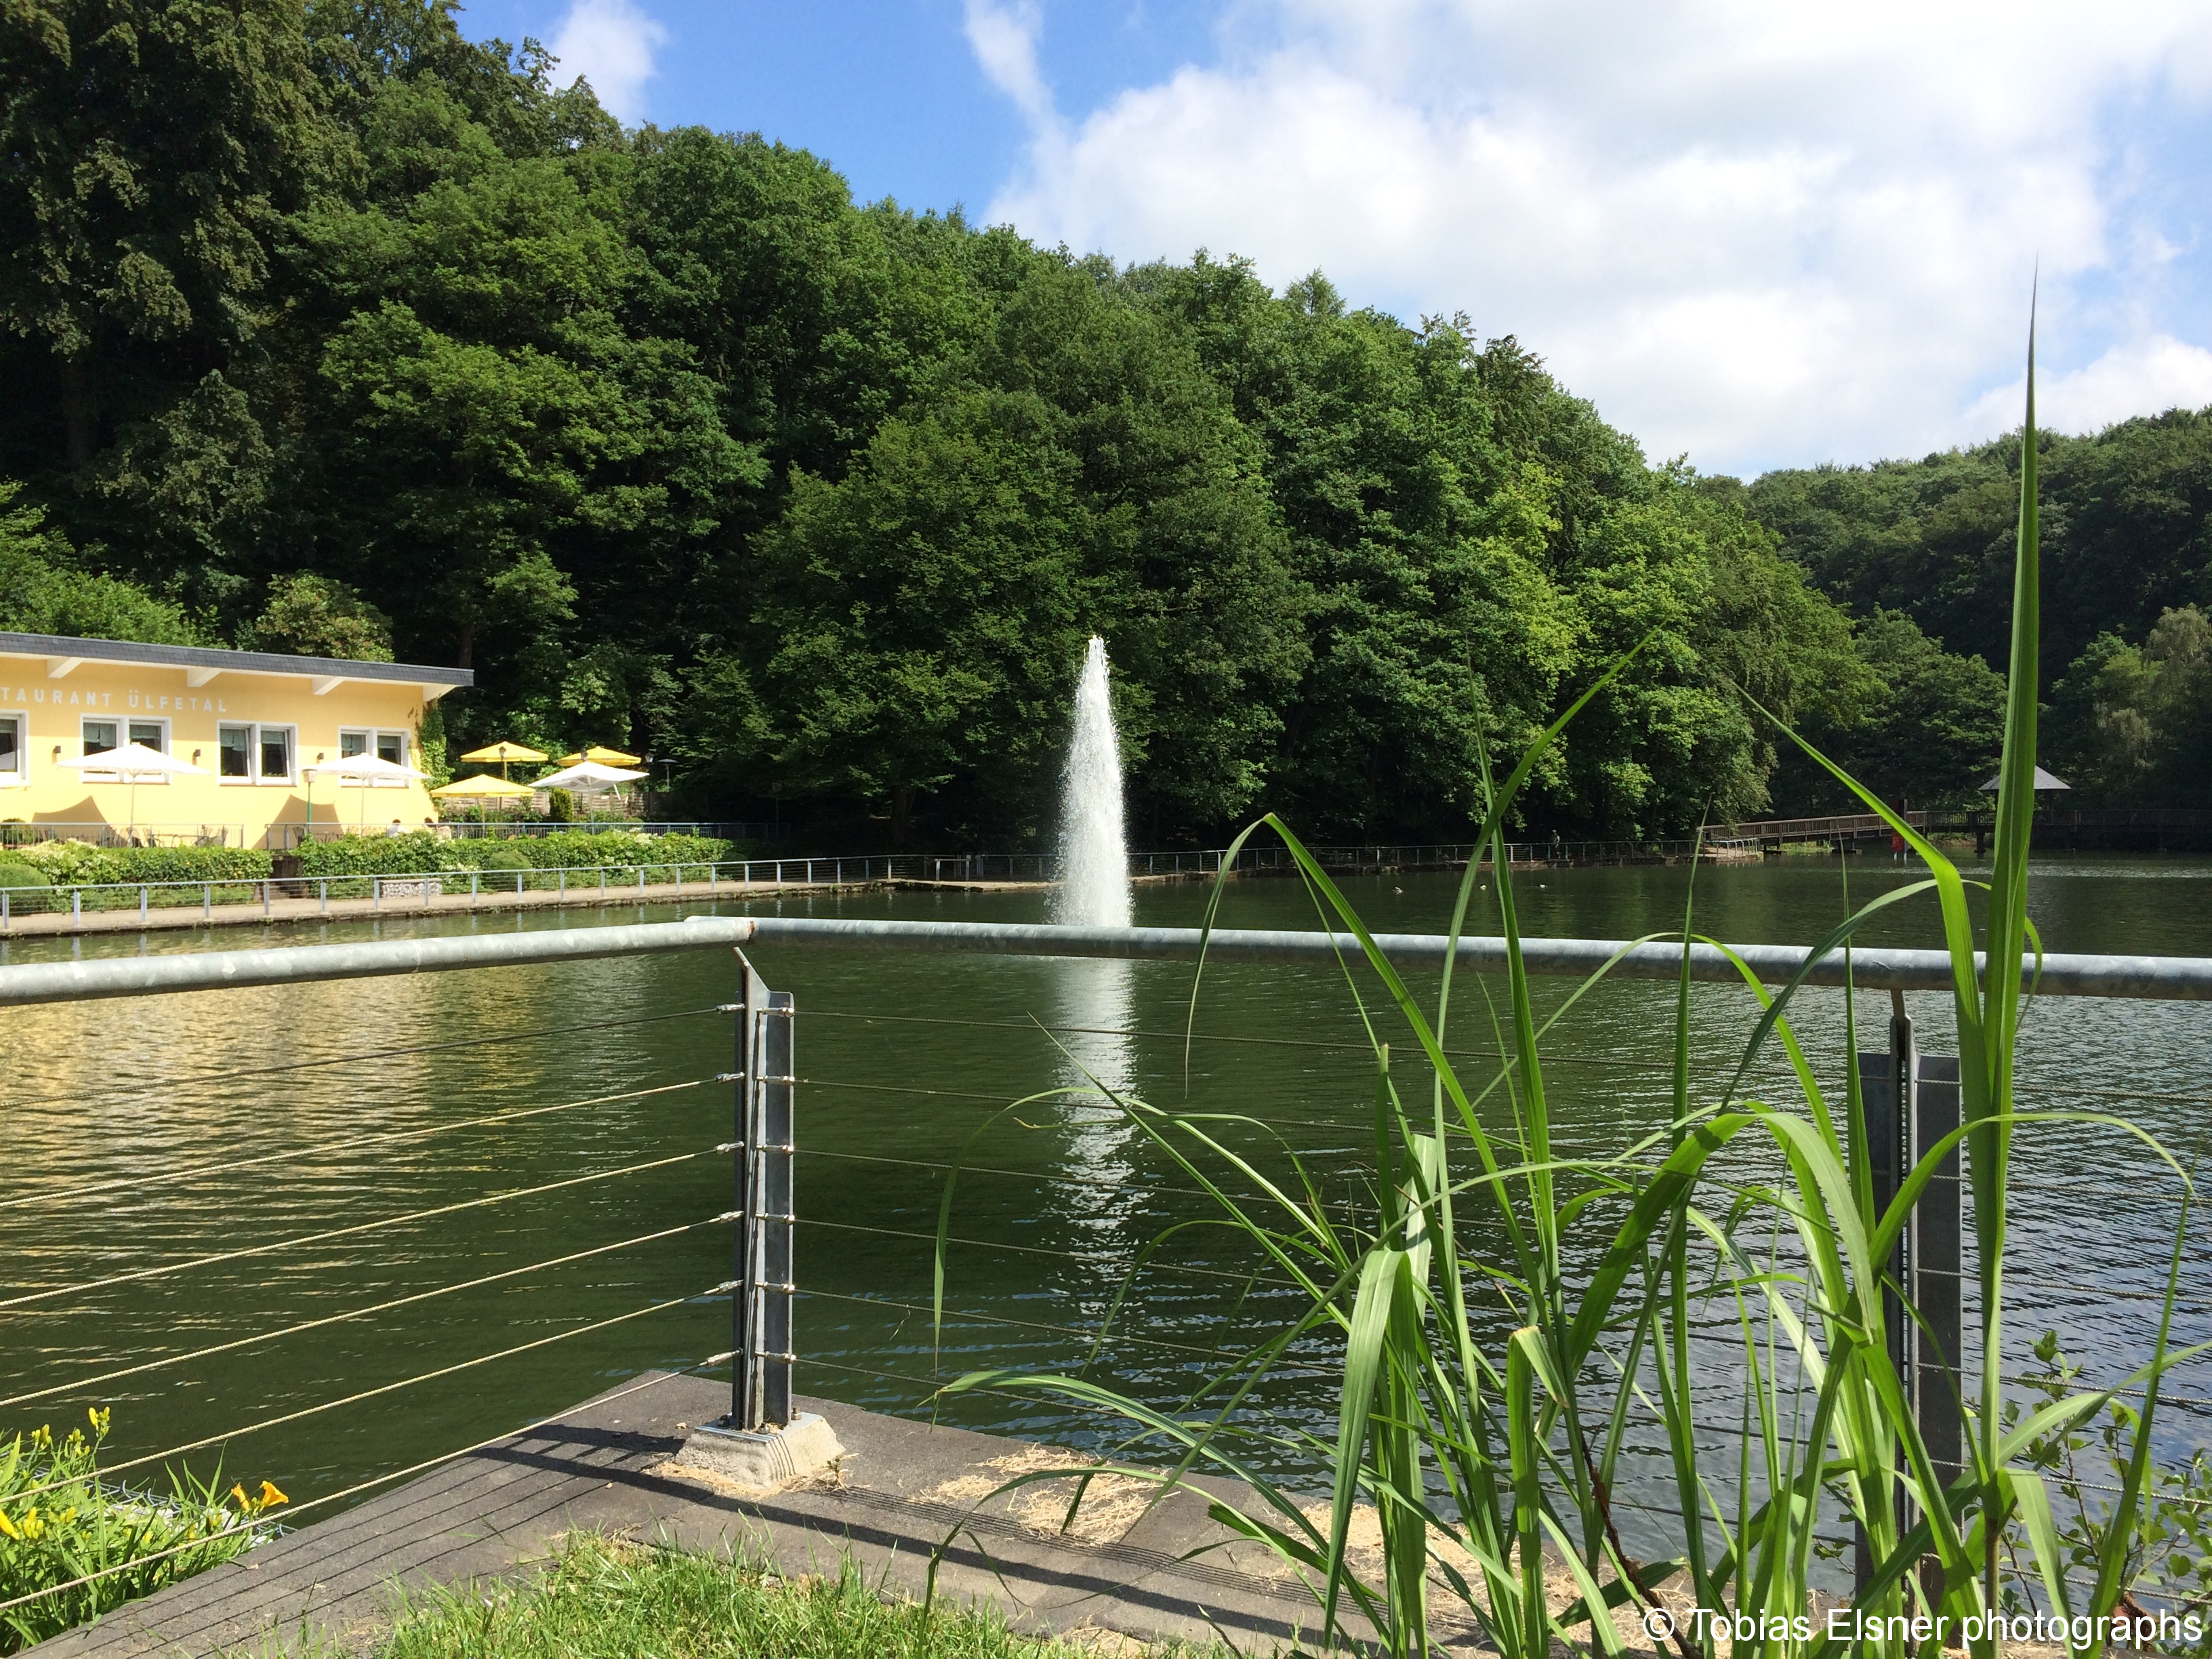 Wanderung Wald Wasser Wolle Weg Radevormwald 2014 Nr.11